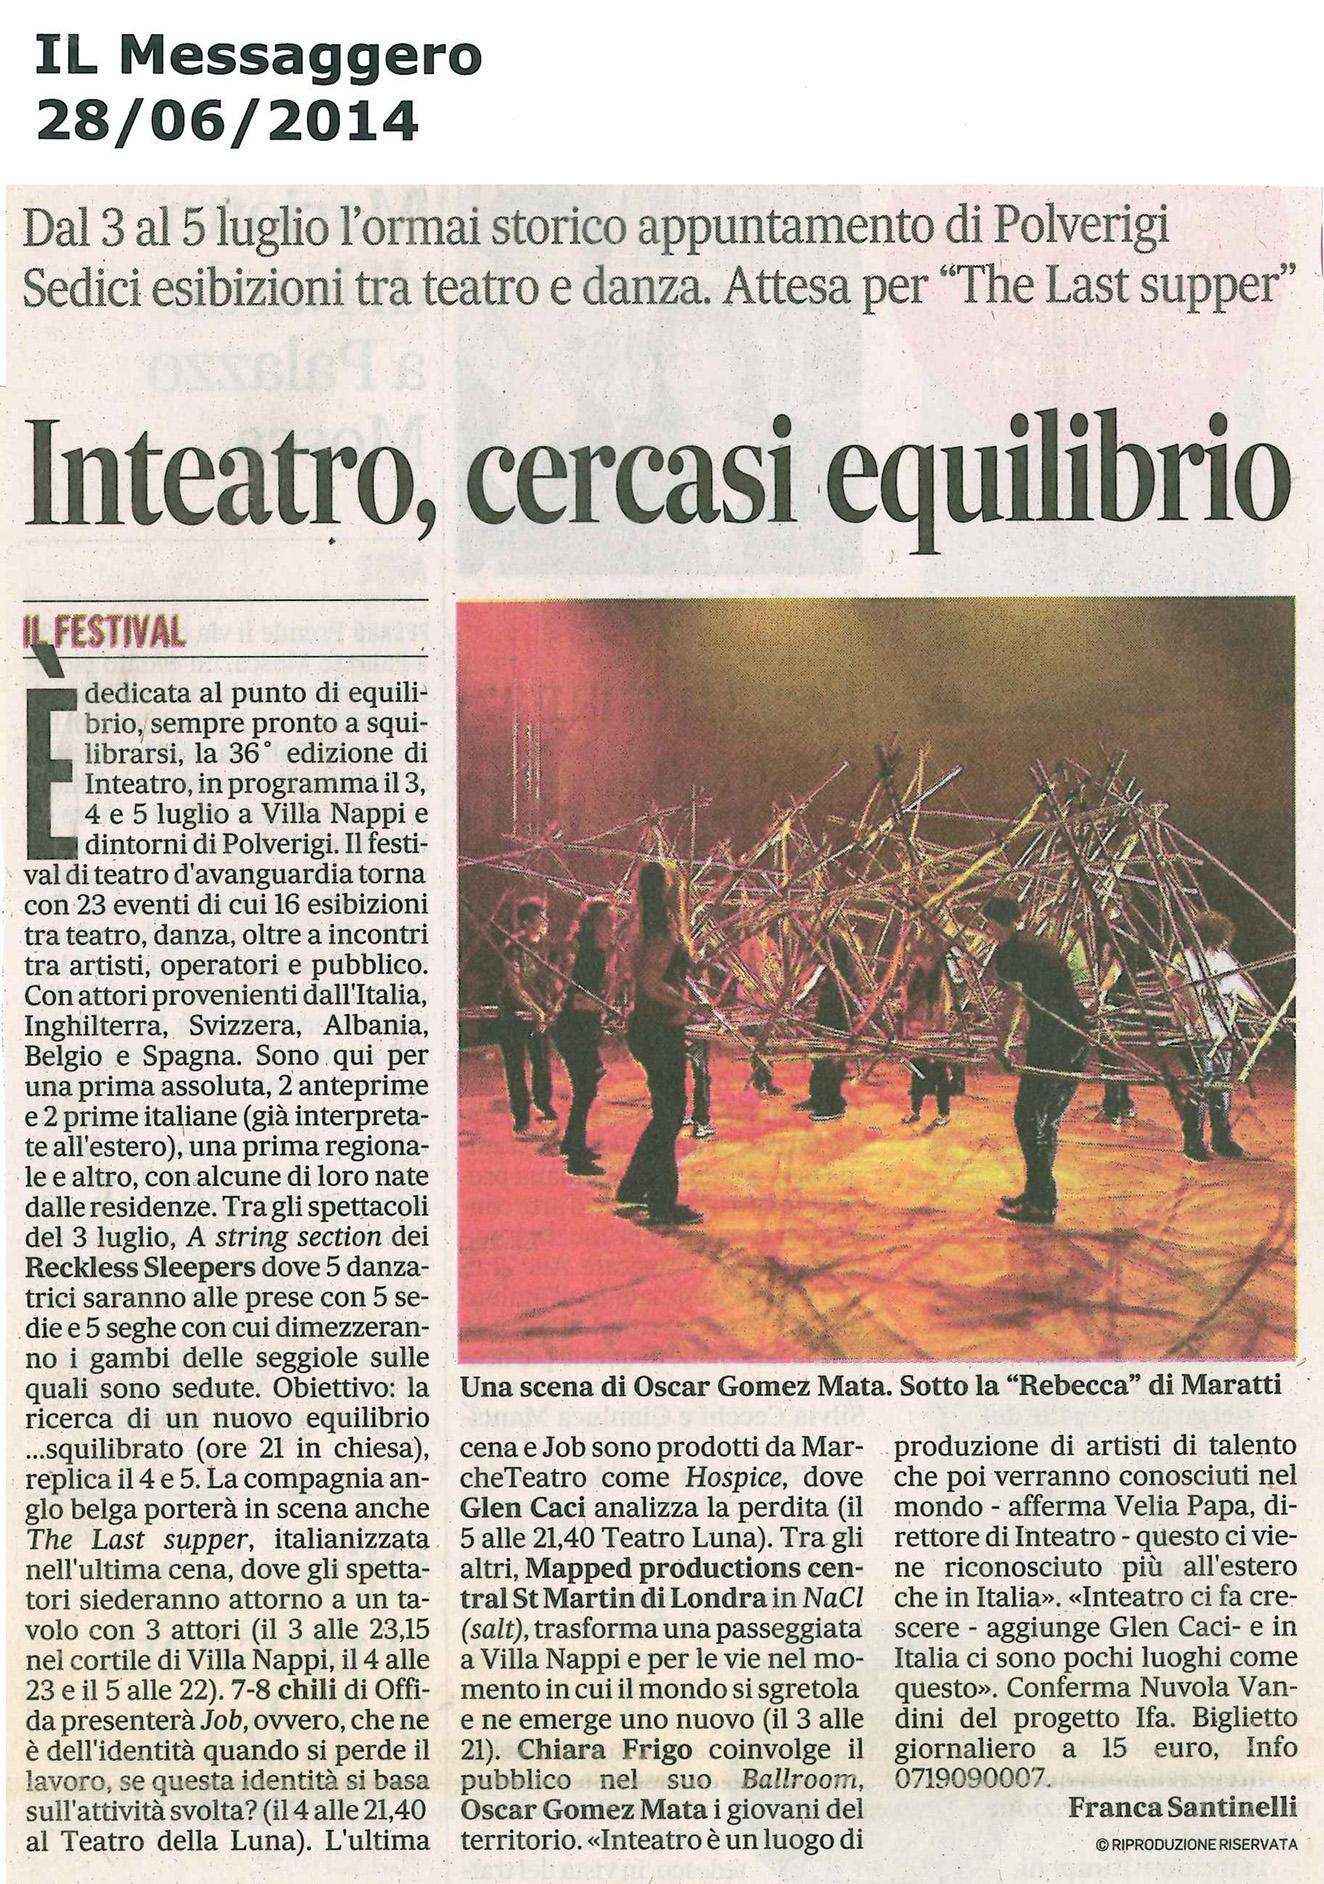 2014.06.28 Inteatro, cercasi equilibrio - Il Messaggero